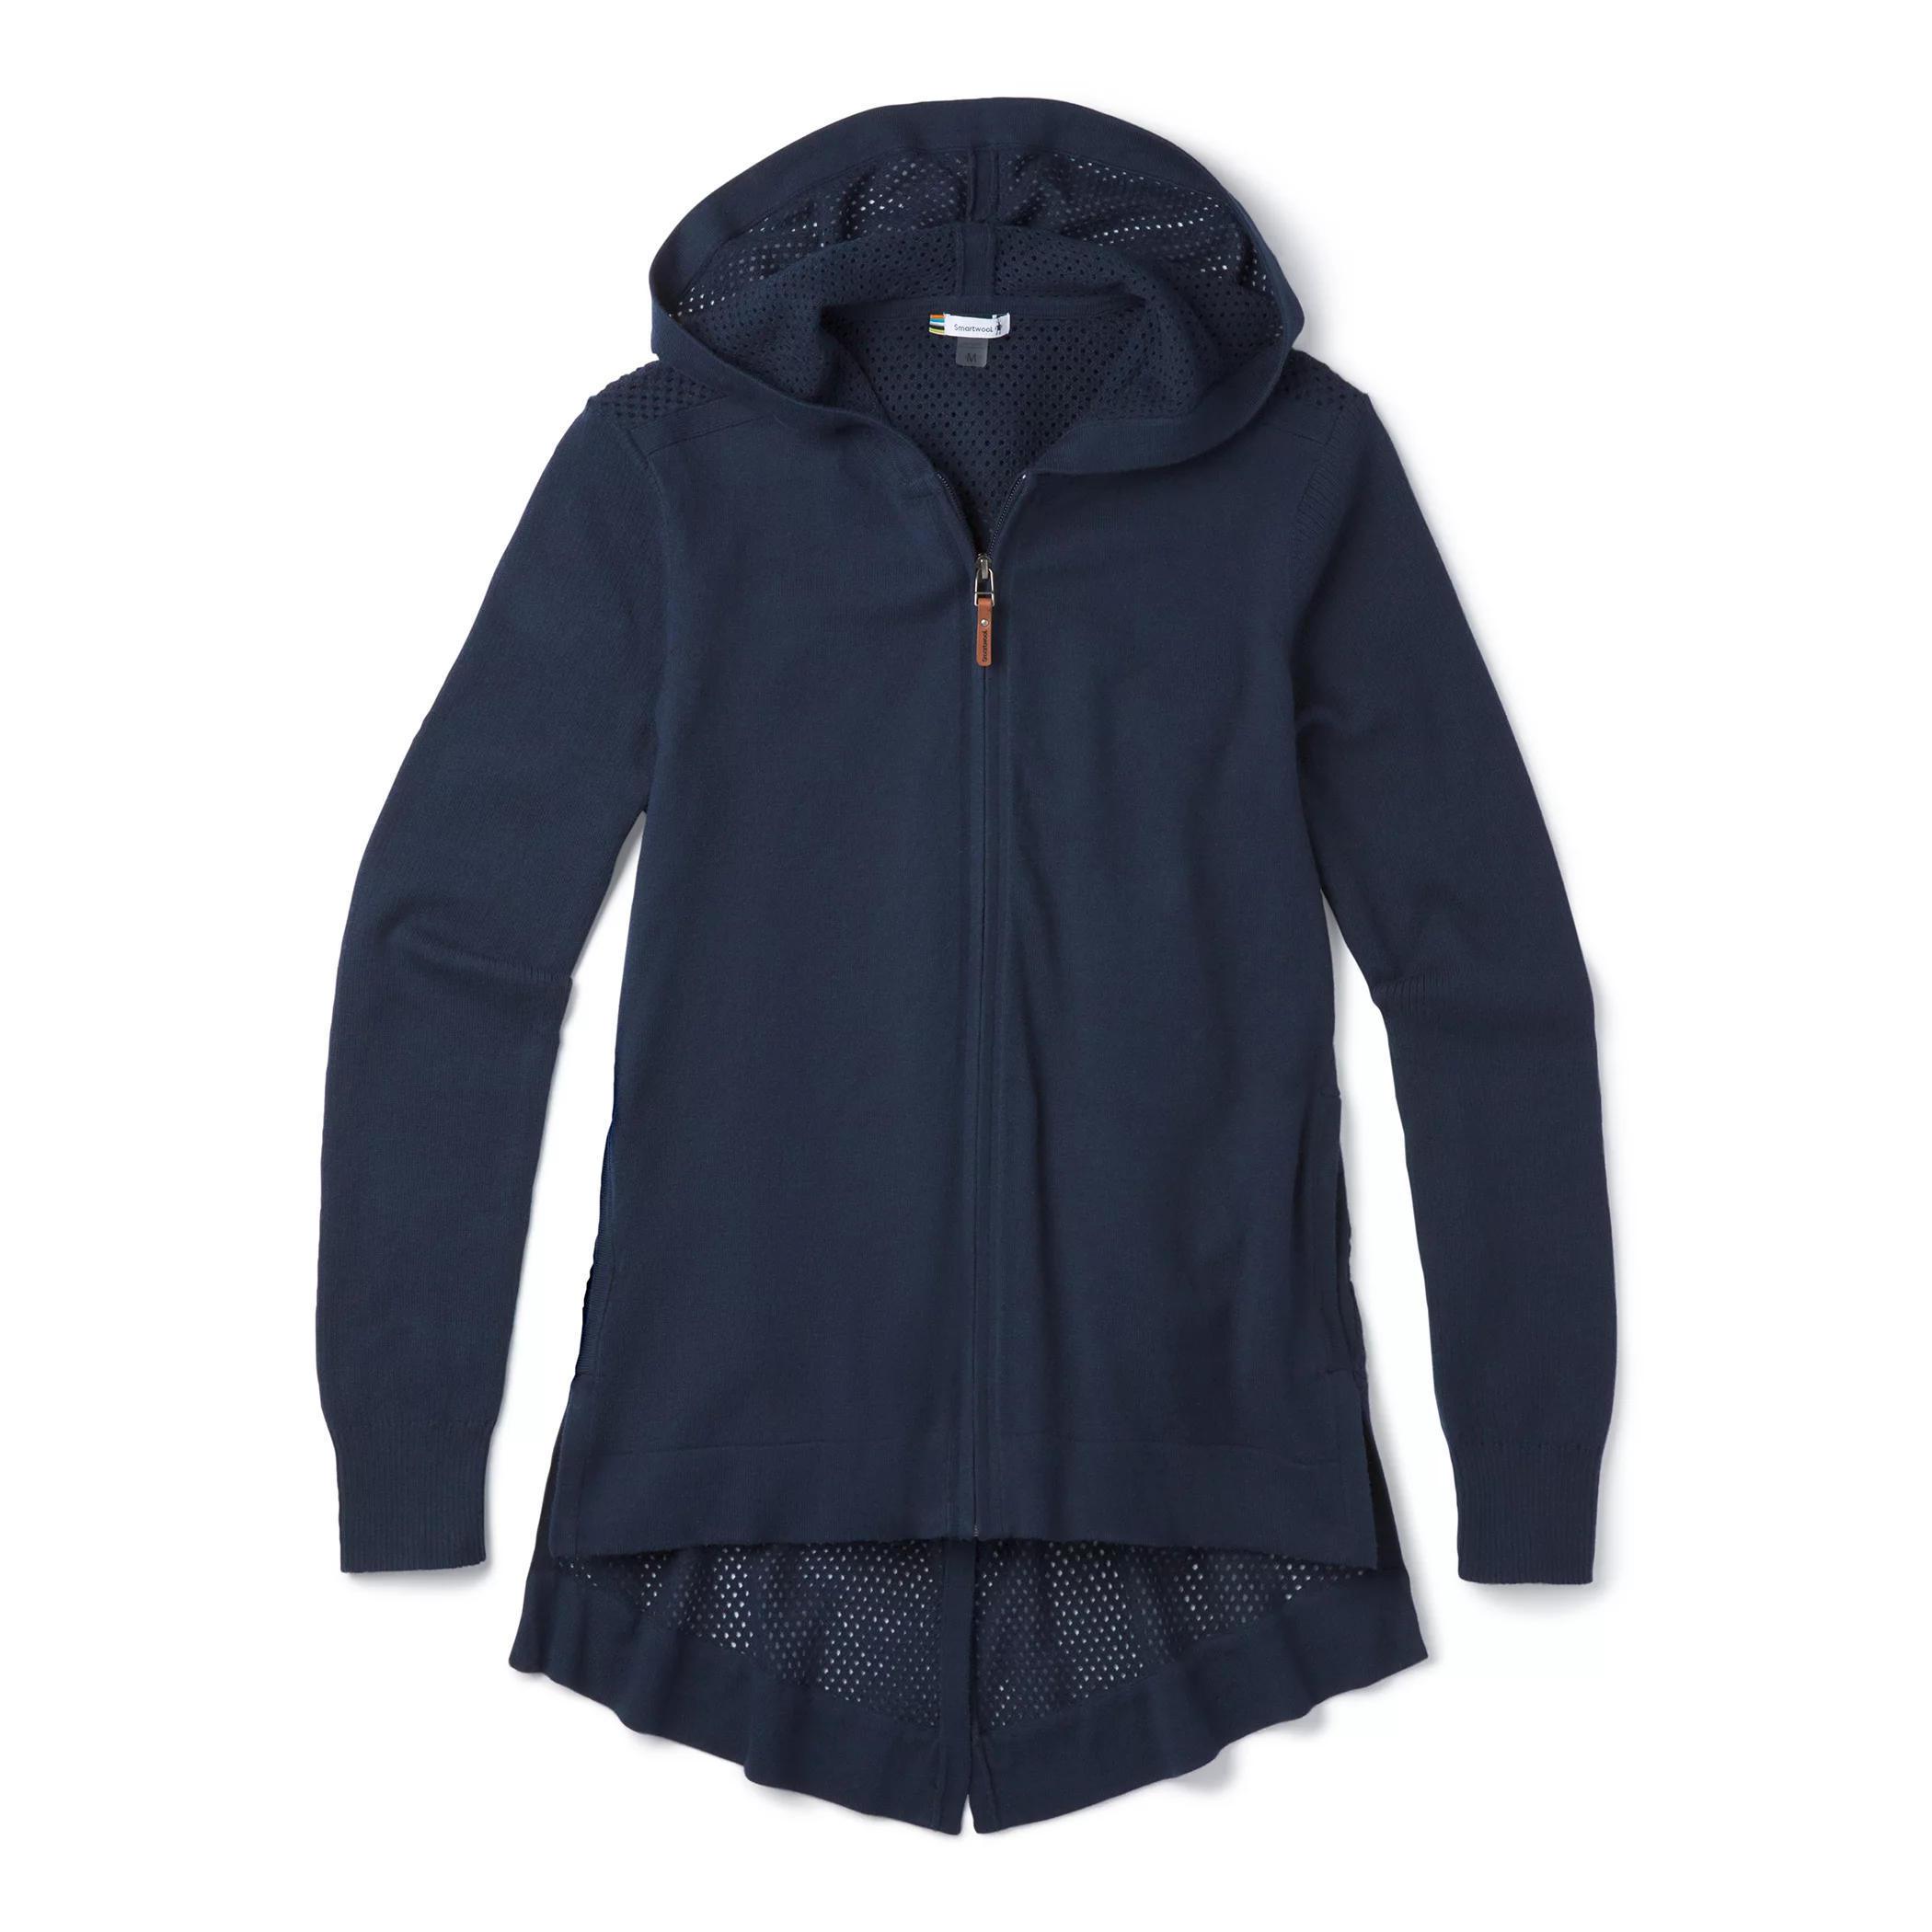 Everyday Exploration Sweater Jacket